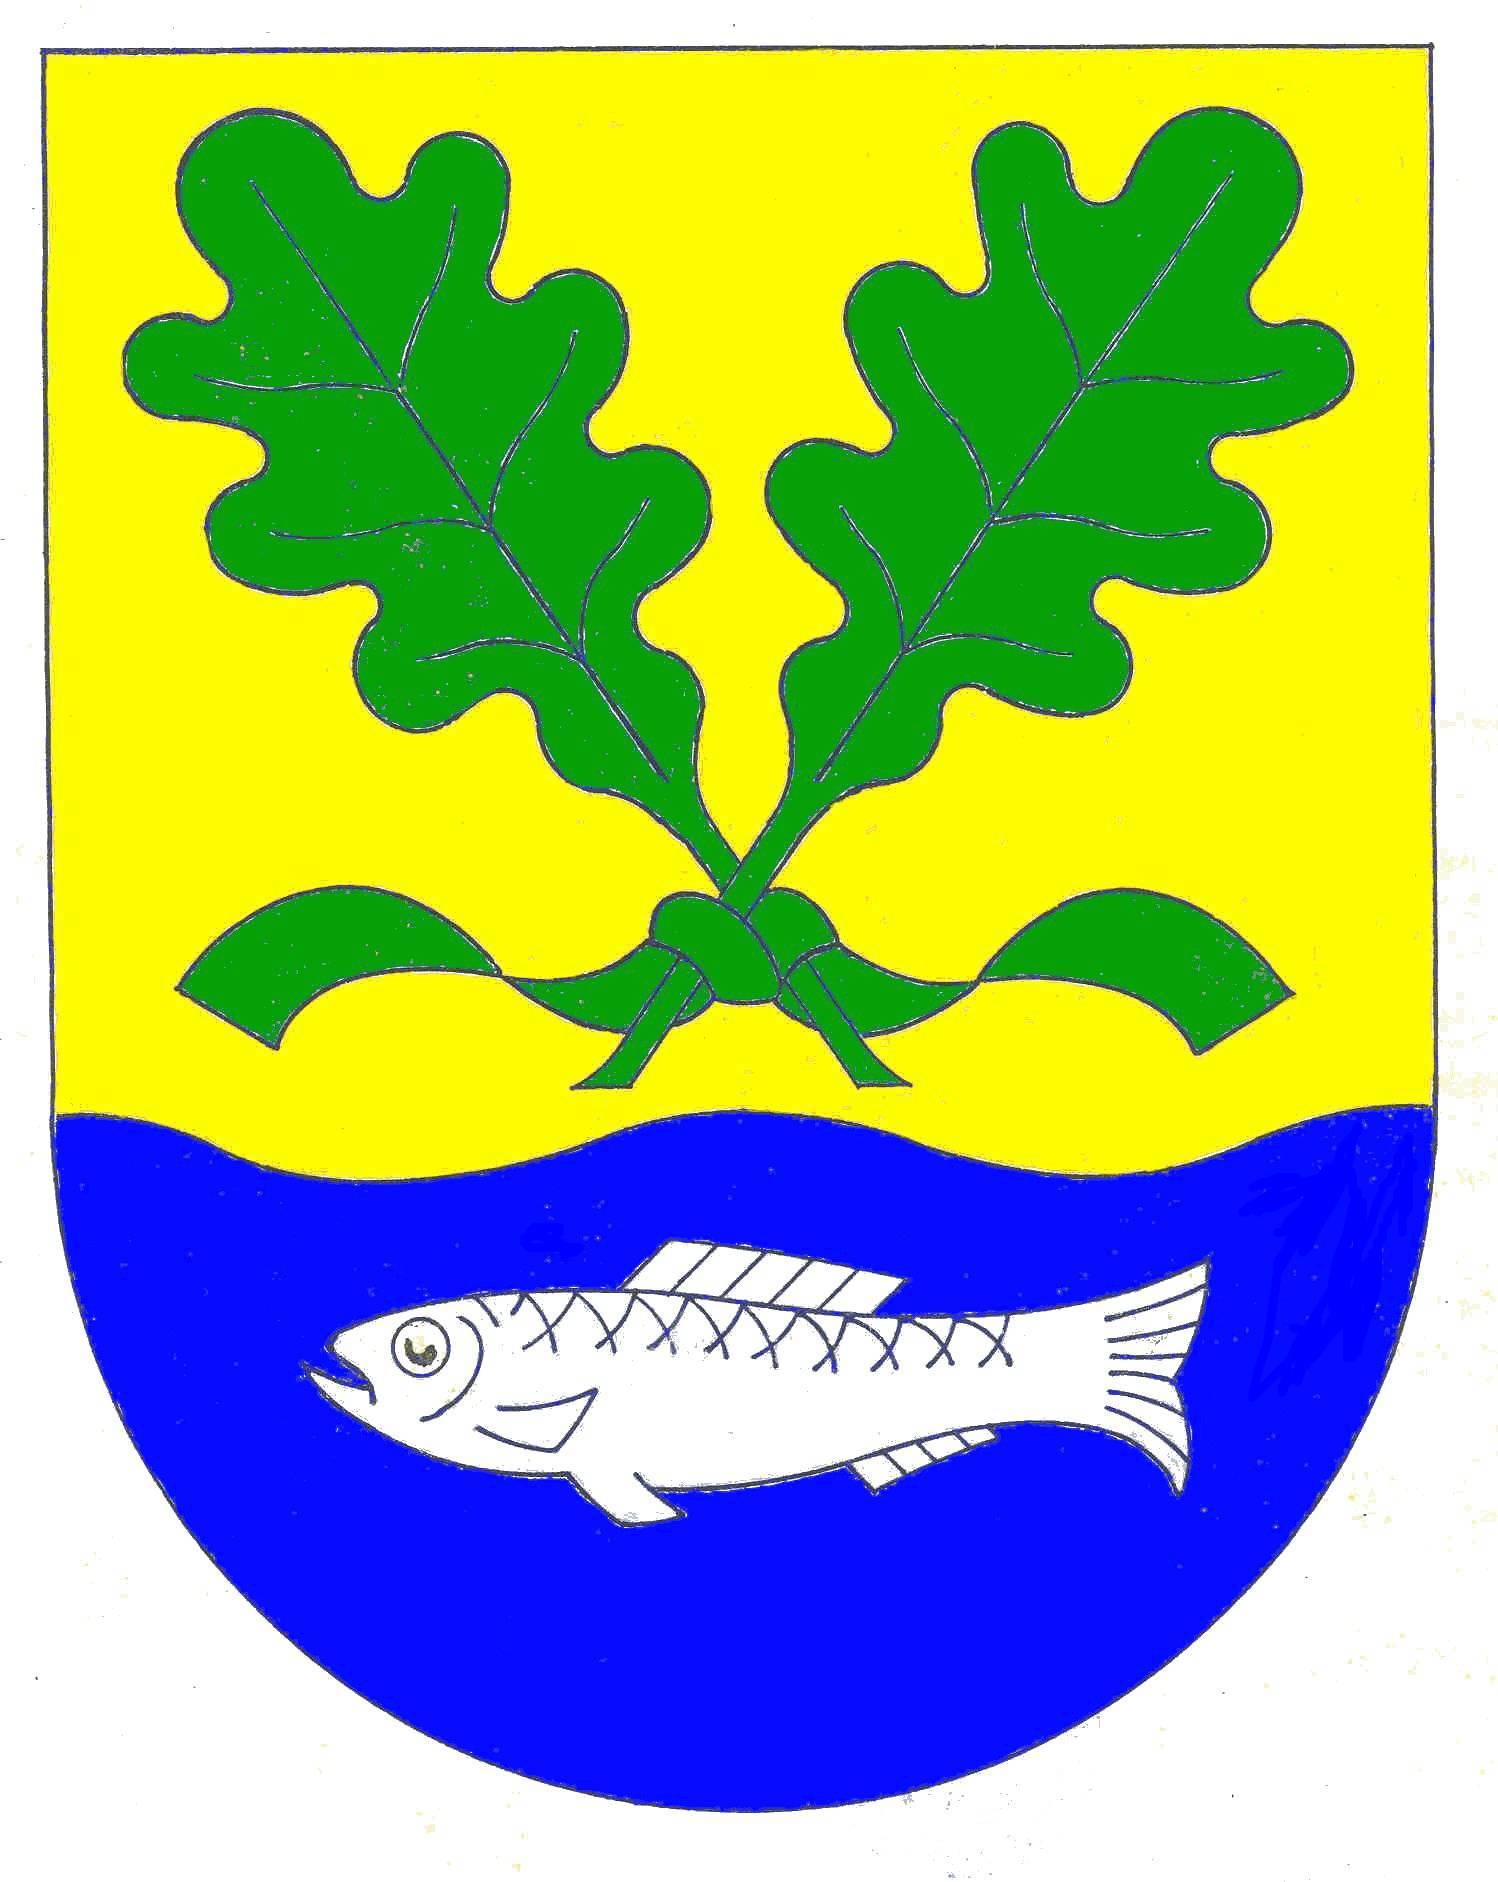 Wappen GemeindeGoltoft, Kreis Schleswig-Flensburg